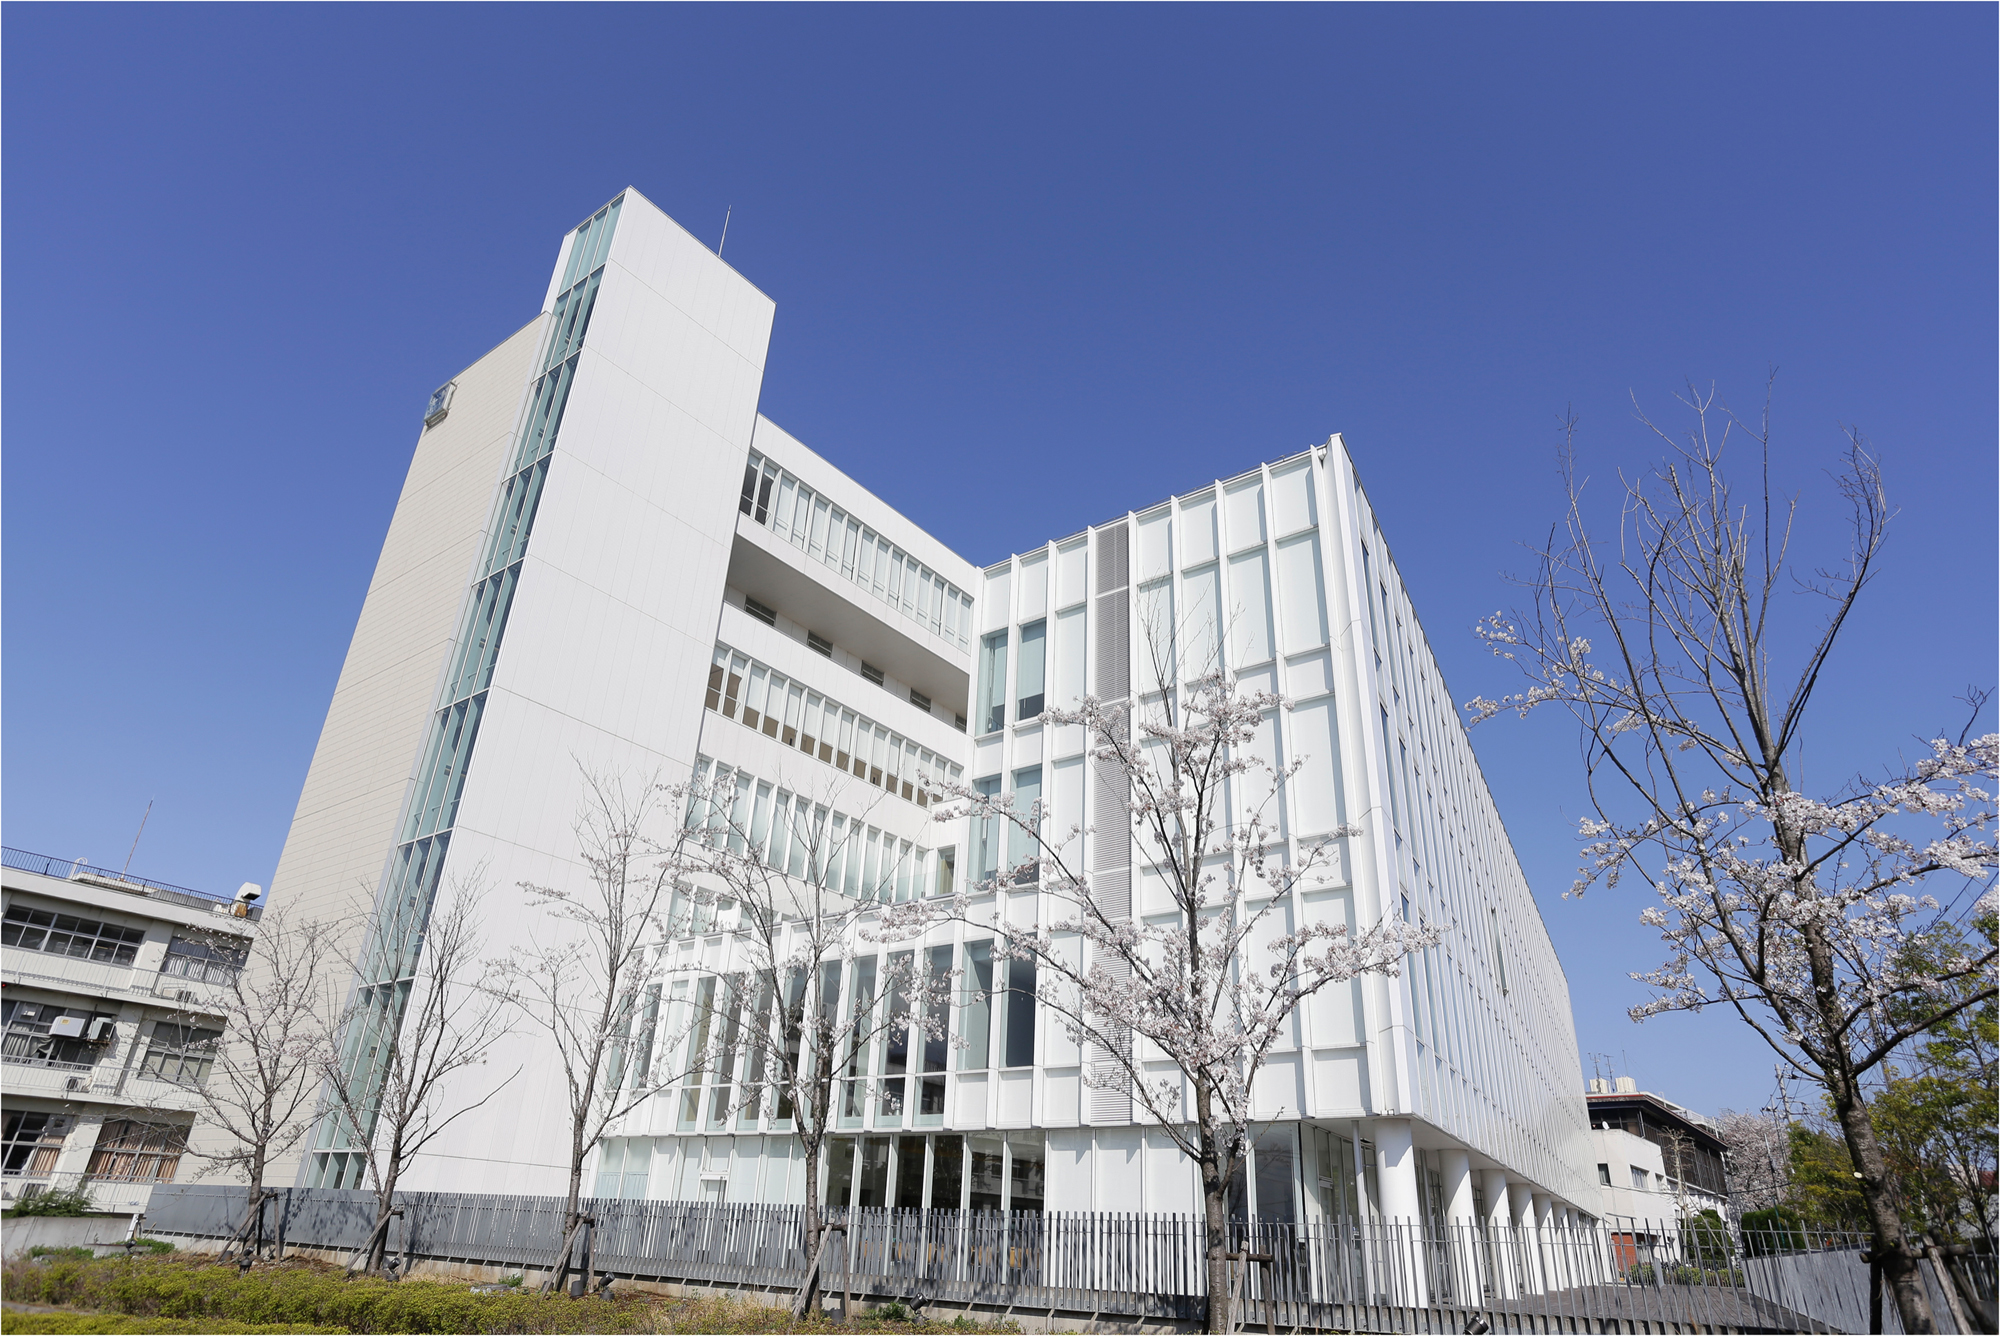 マリアンナ 西部 聖 横浜 病院 市